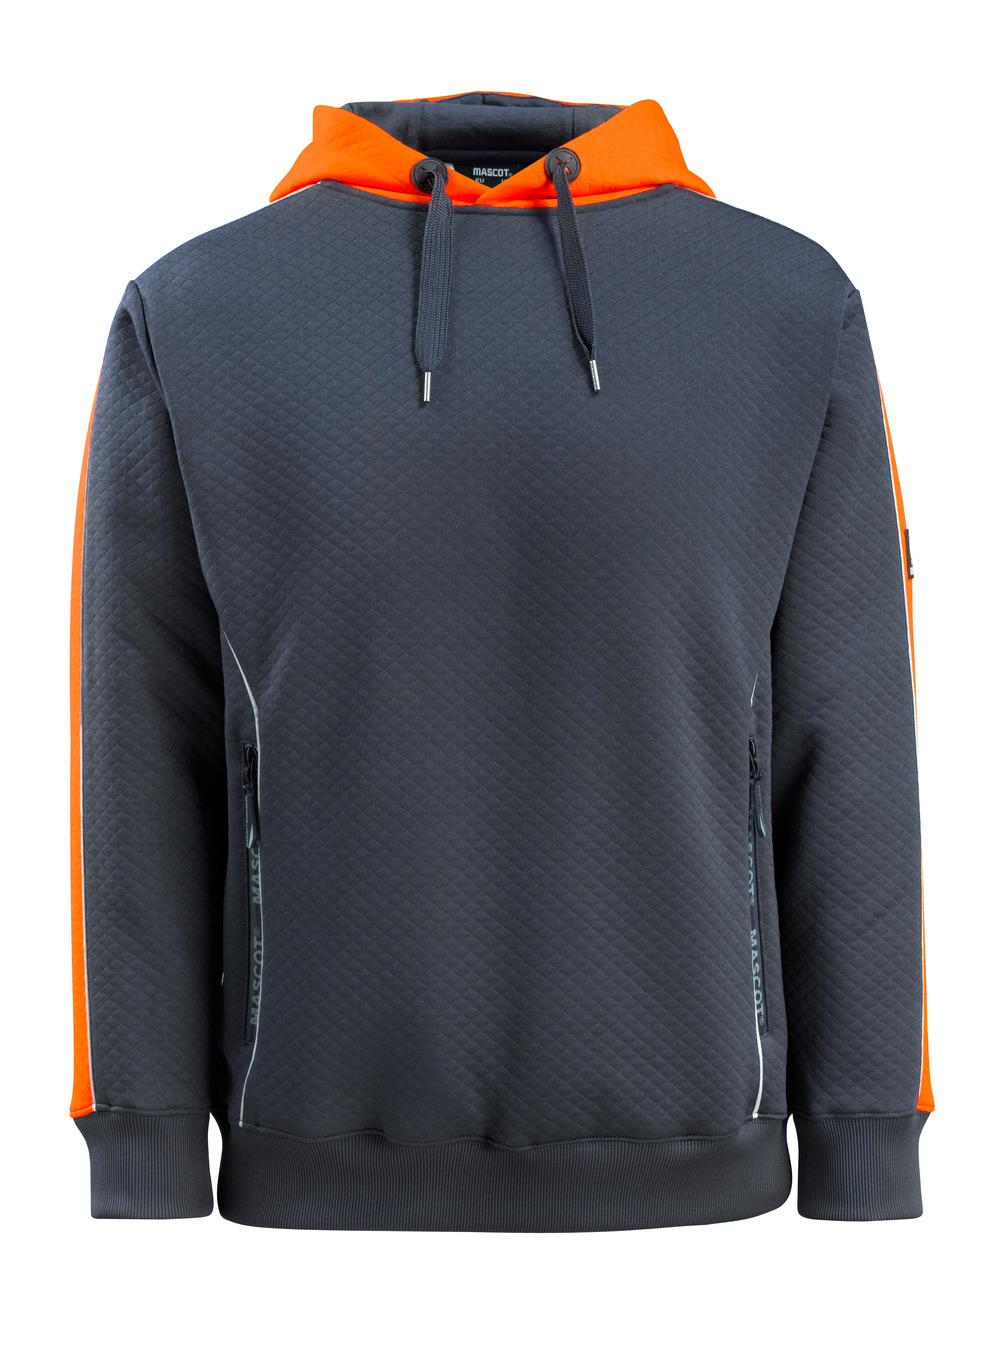 50124-932-01014 Felpa con Cappuccio - blu navy scuro/arancio hi-vis